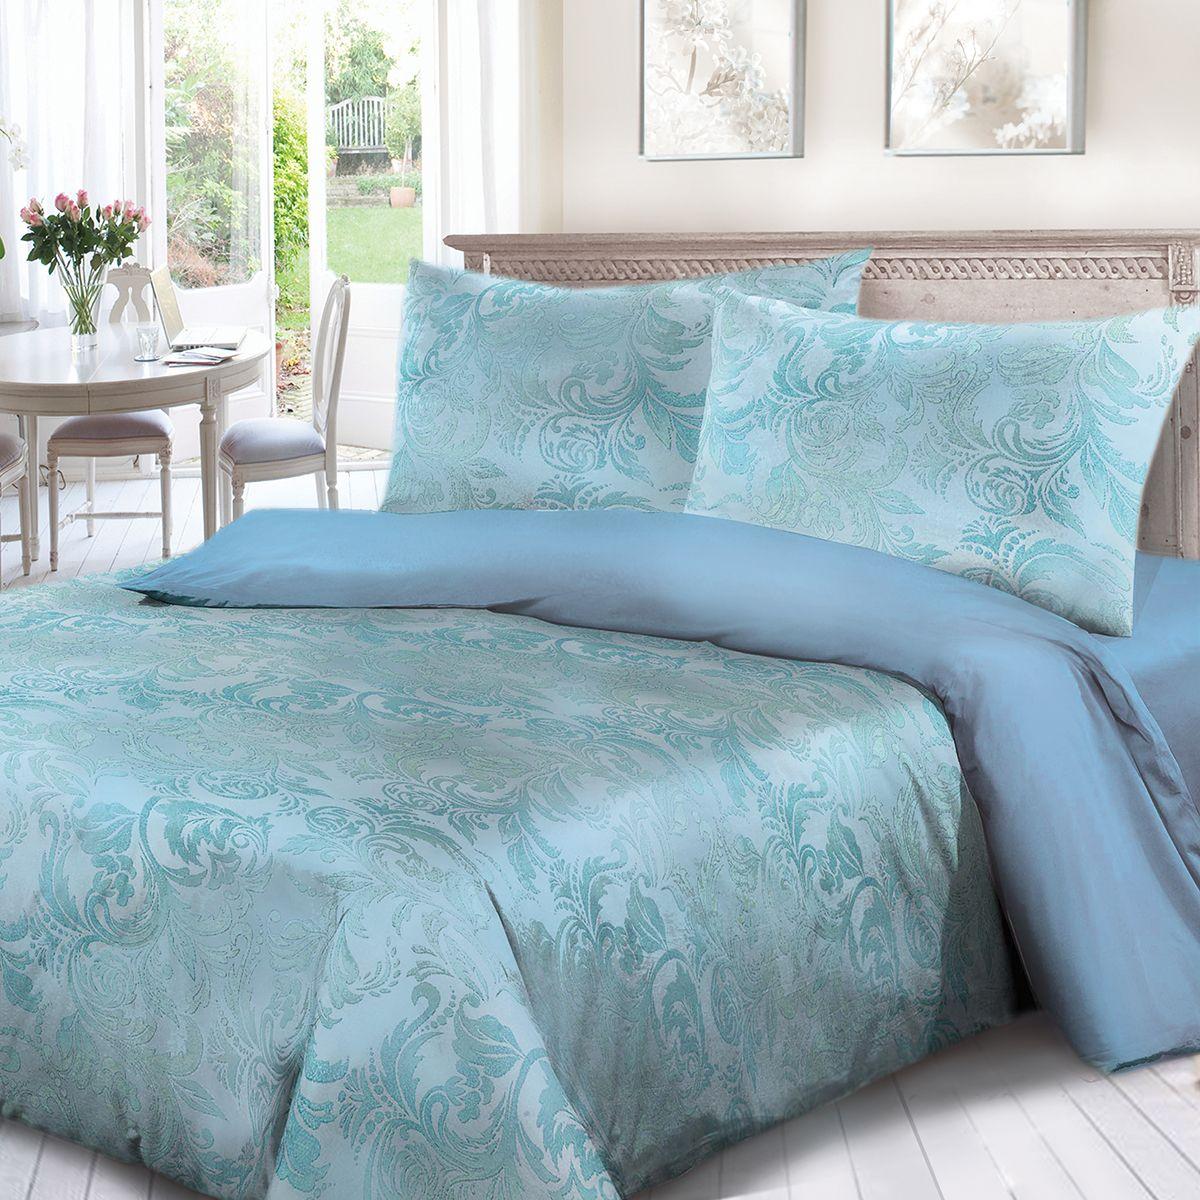 Комплект белья Сорренто Мажор, 2-х спальное, наволочки 70x70, цвет: голубой. 3963-580268